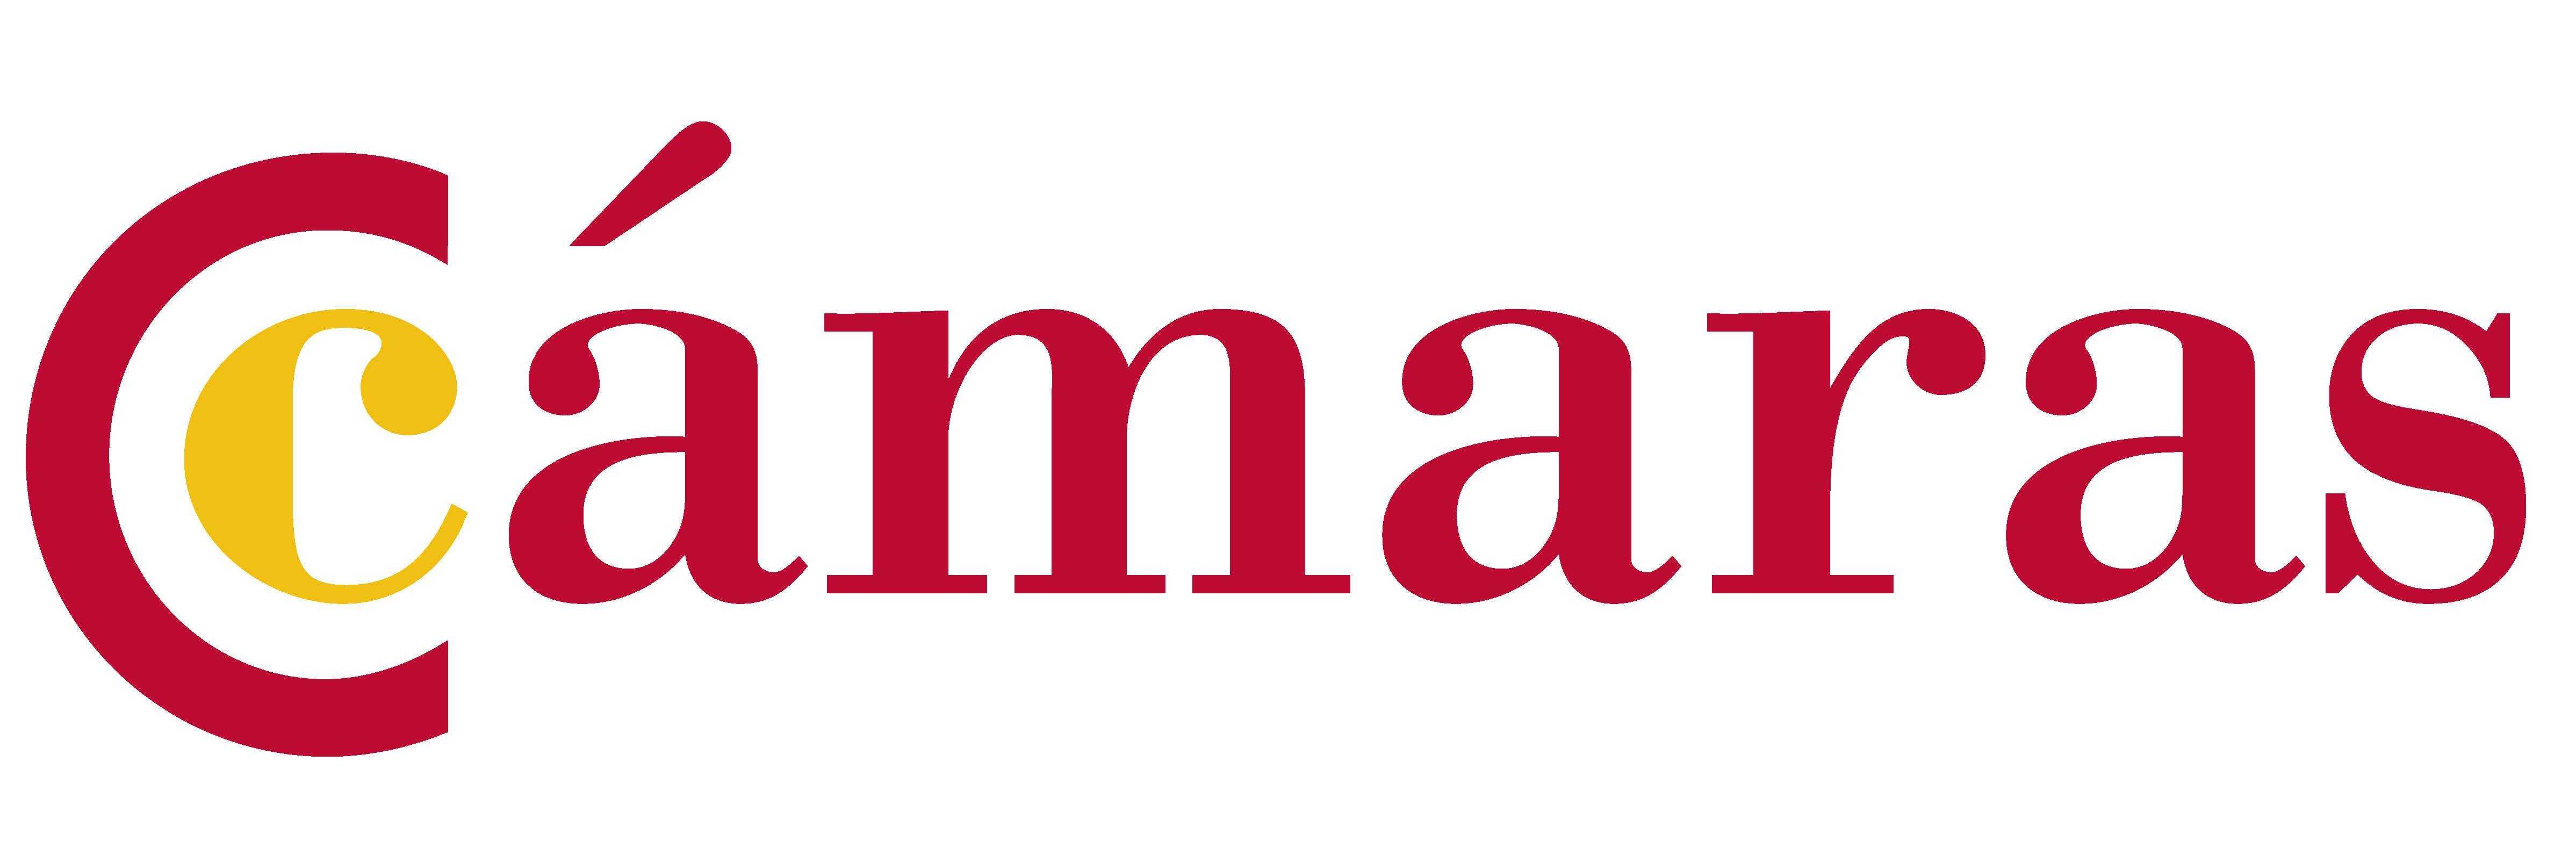 Logo de la cámara de comercio